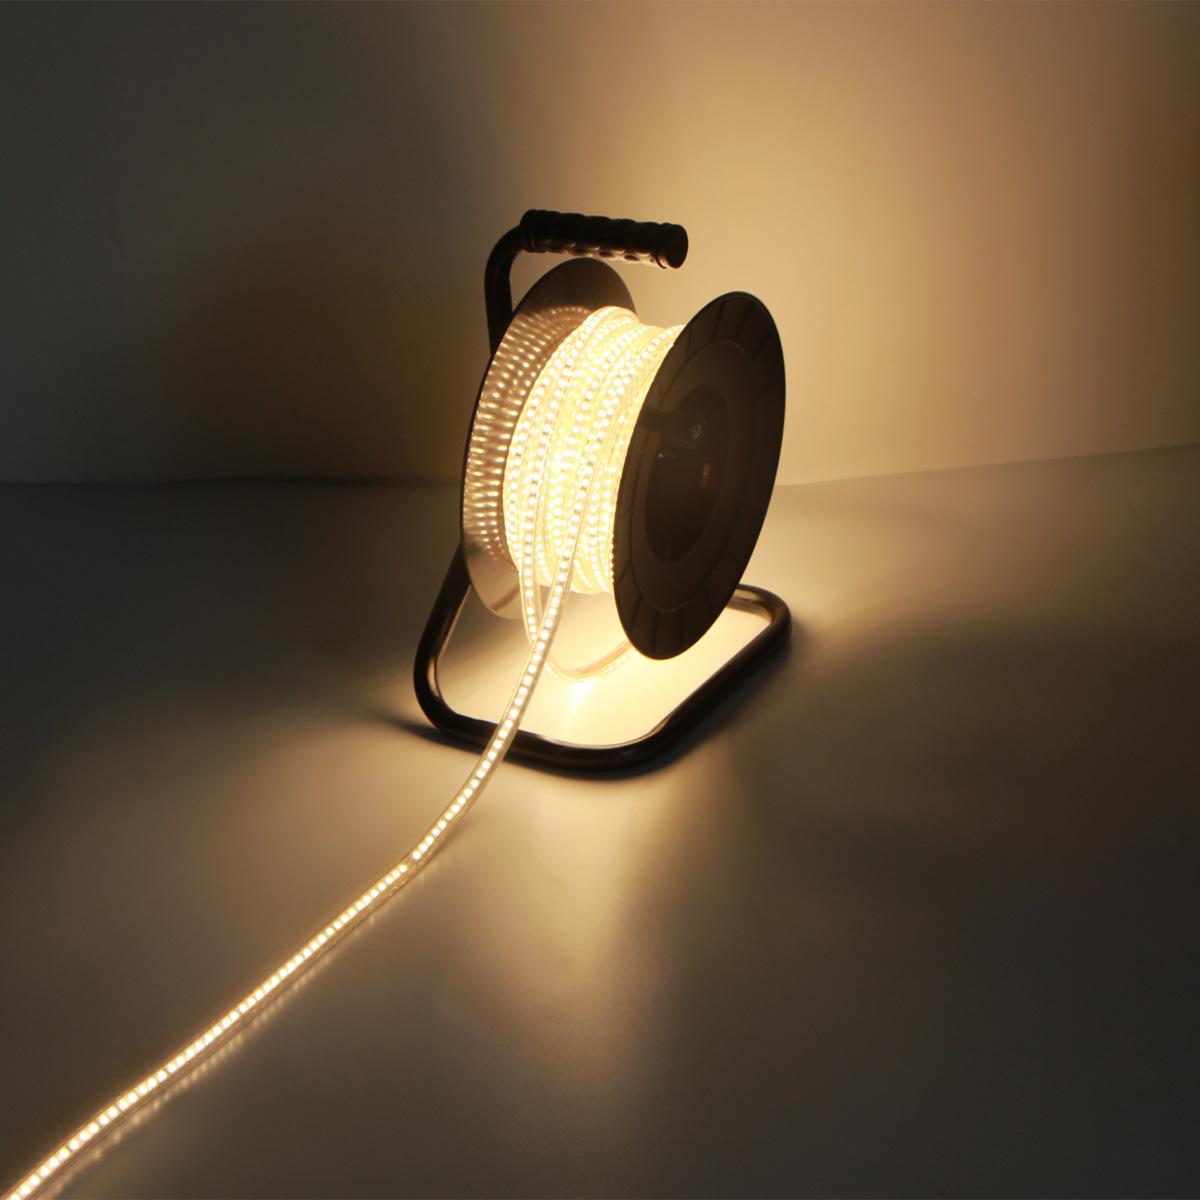 ETL Certs 2388 LED Strip Light Kit 25M 110V 120V Flexible Lighting Temporary Lighting Solution Decoration Lighting